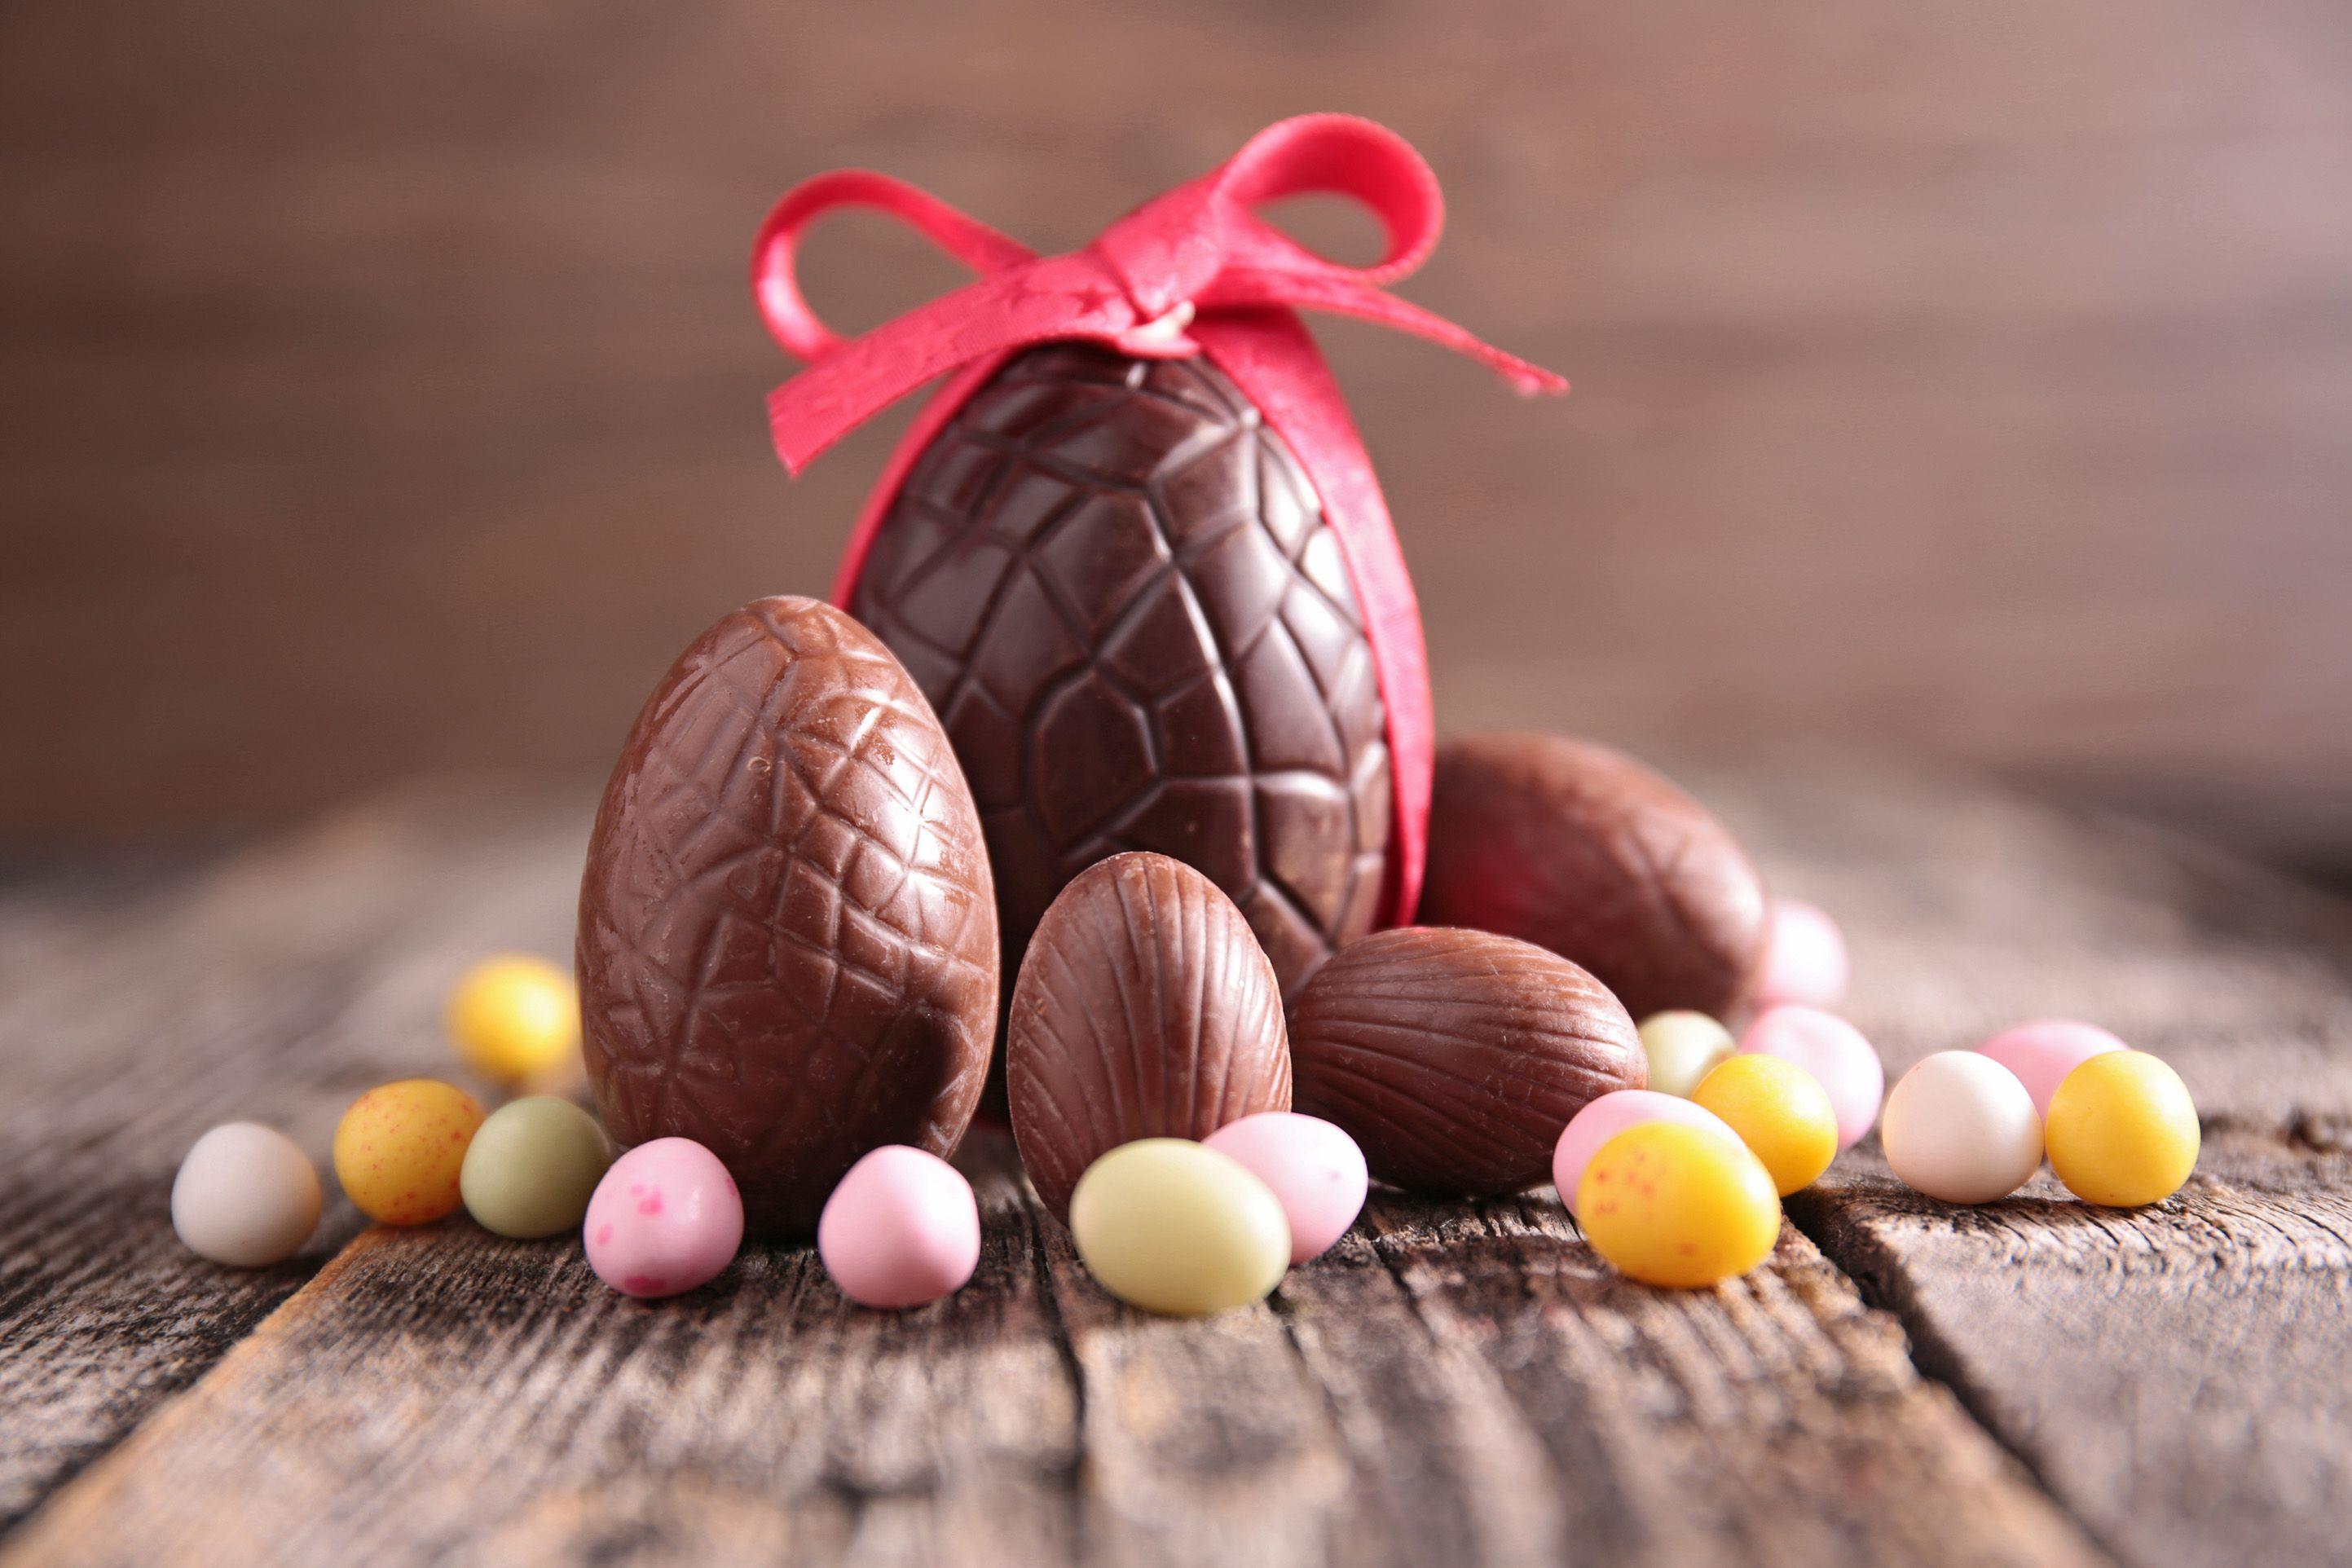 Près de 60% de Français engloutissent davantage de chocolat à Pâques que le reste de l'année